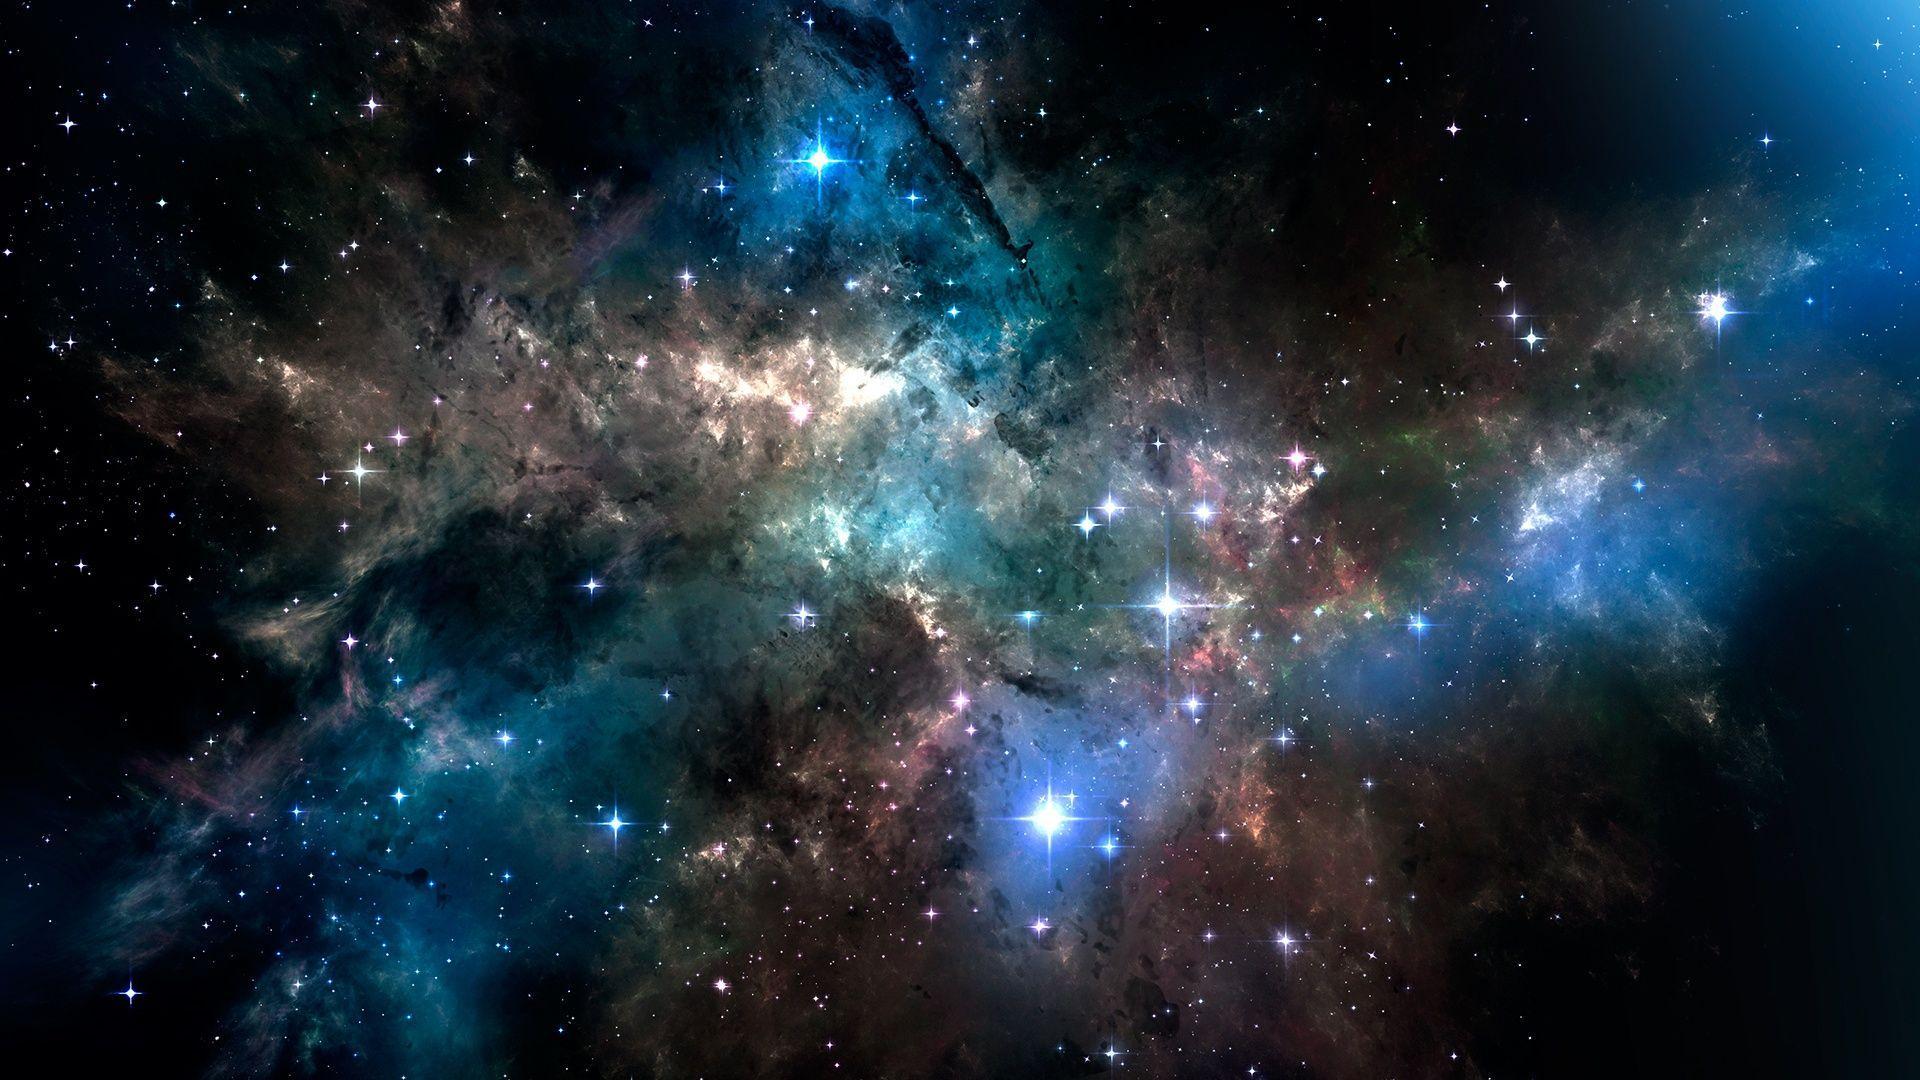 1920x1080 galaxy in hình nền HD